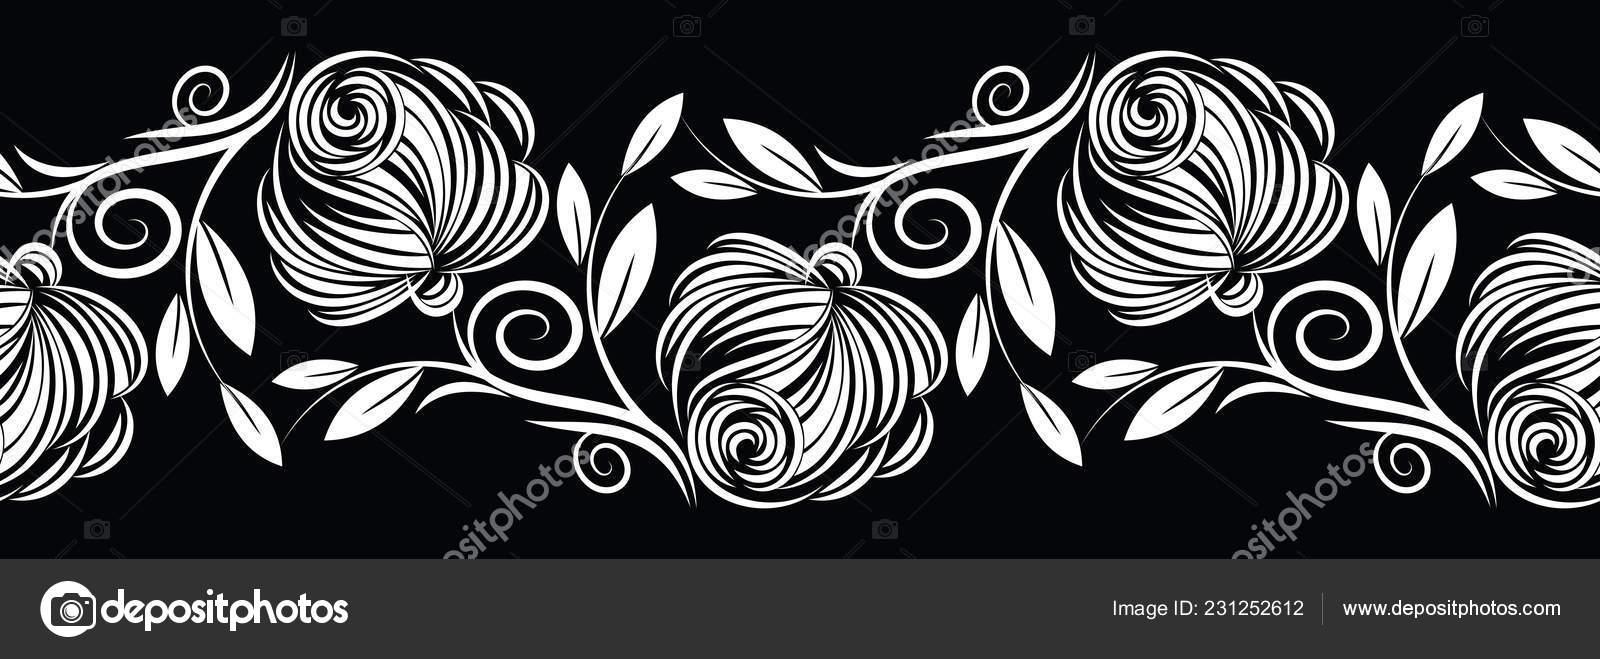 Seamless Black White Abstract Rose Flower Border Design